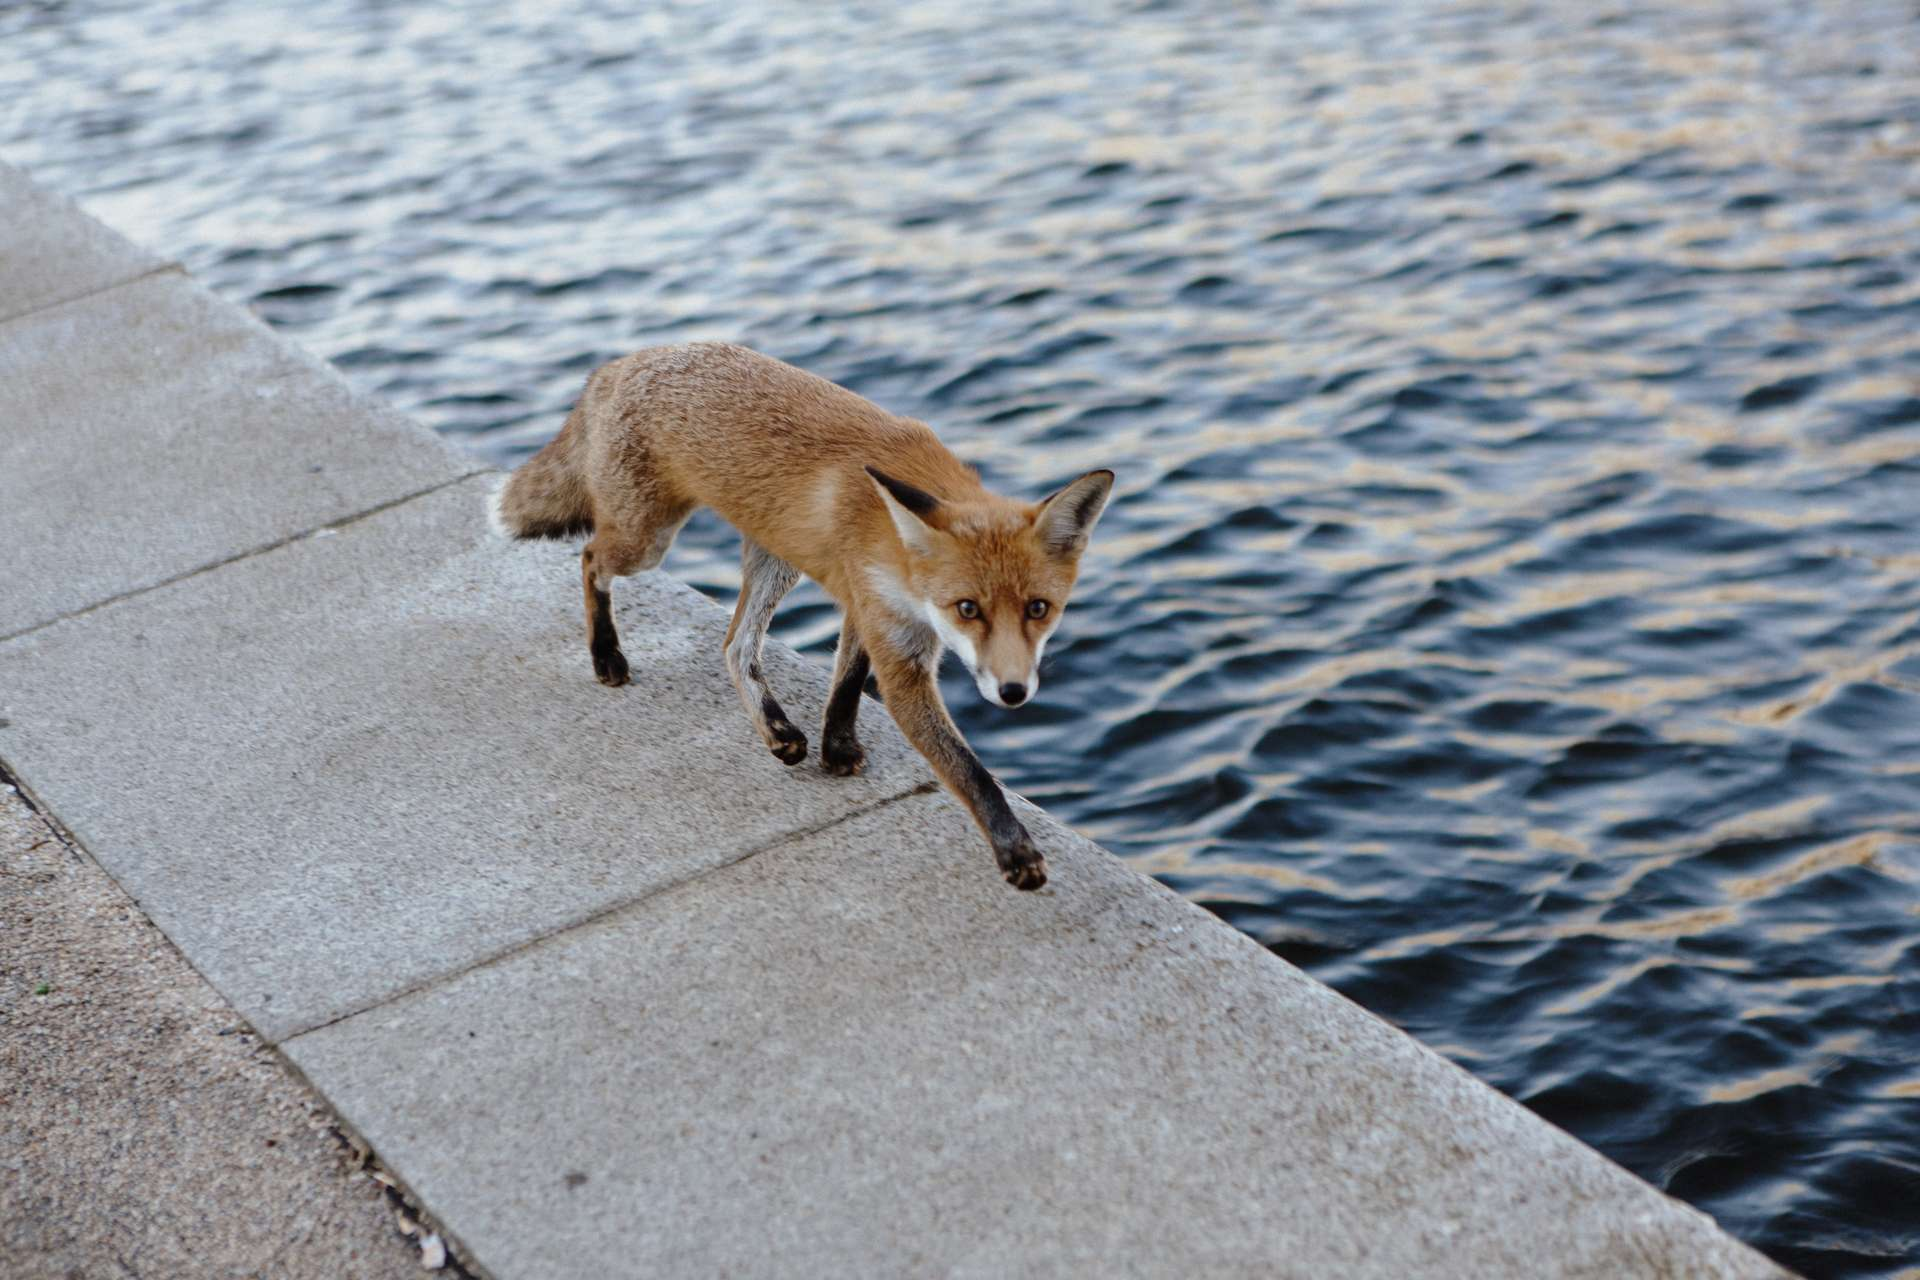 À Londres (Royaume-Uni), les renards de ville semblent développer un « syndrome de domestication », afin de s'adapter à leur nouvel environnement. © Ramon, Adobe Stock